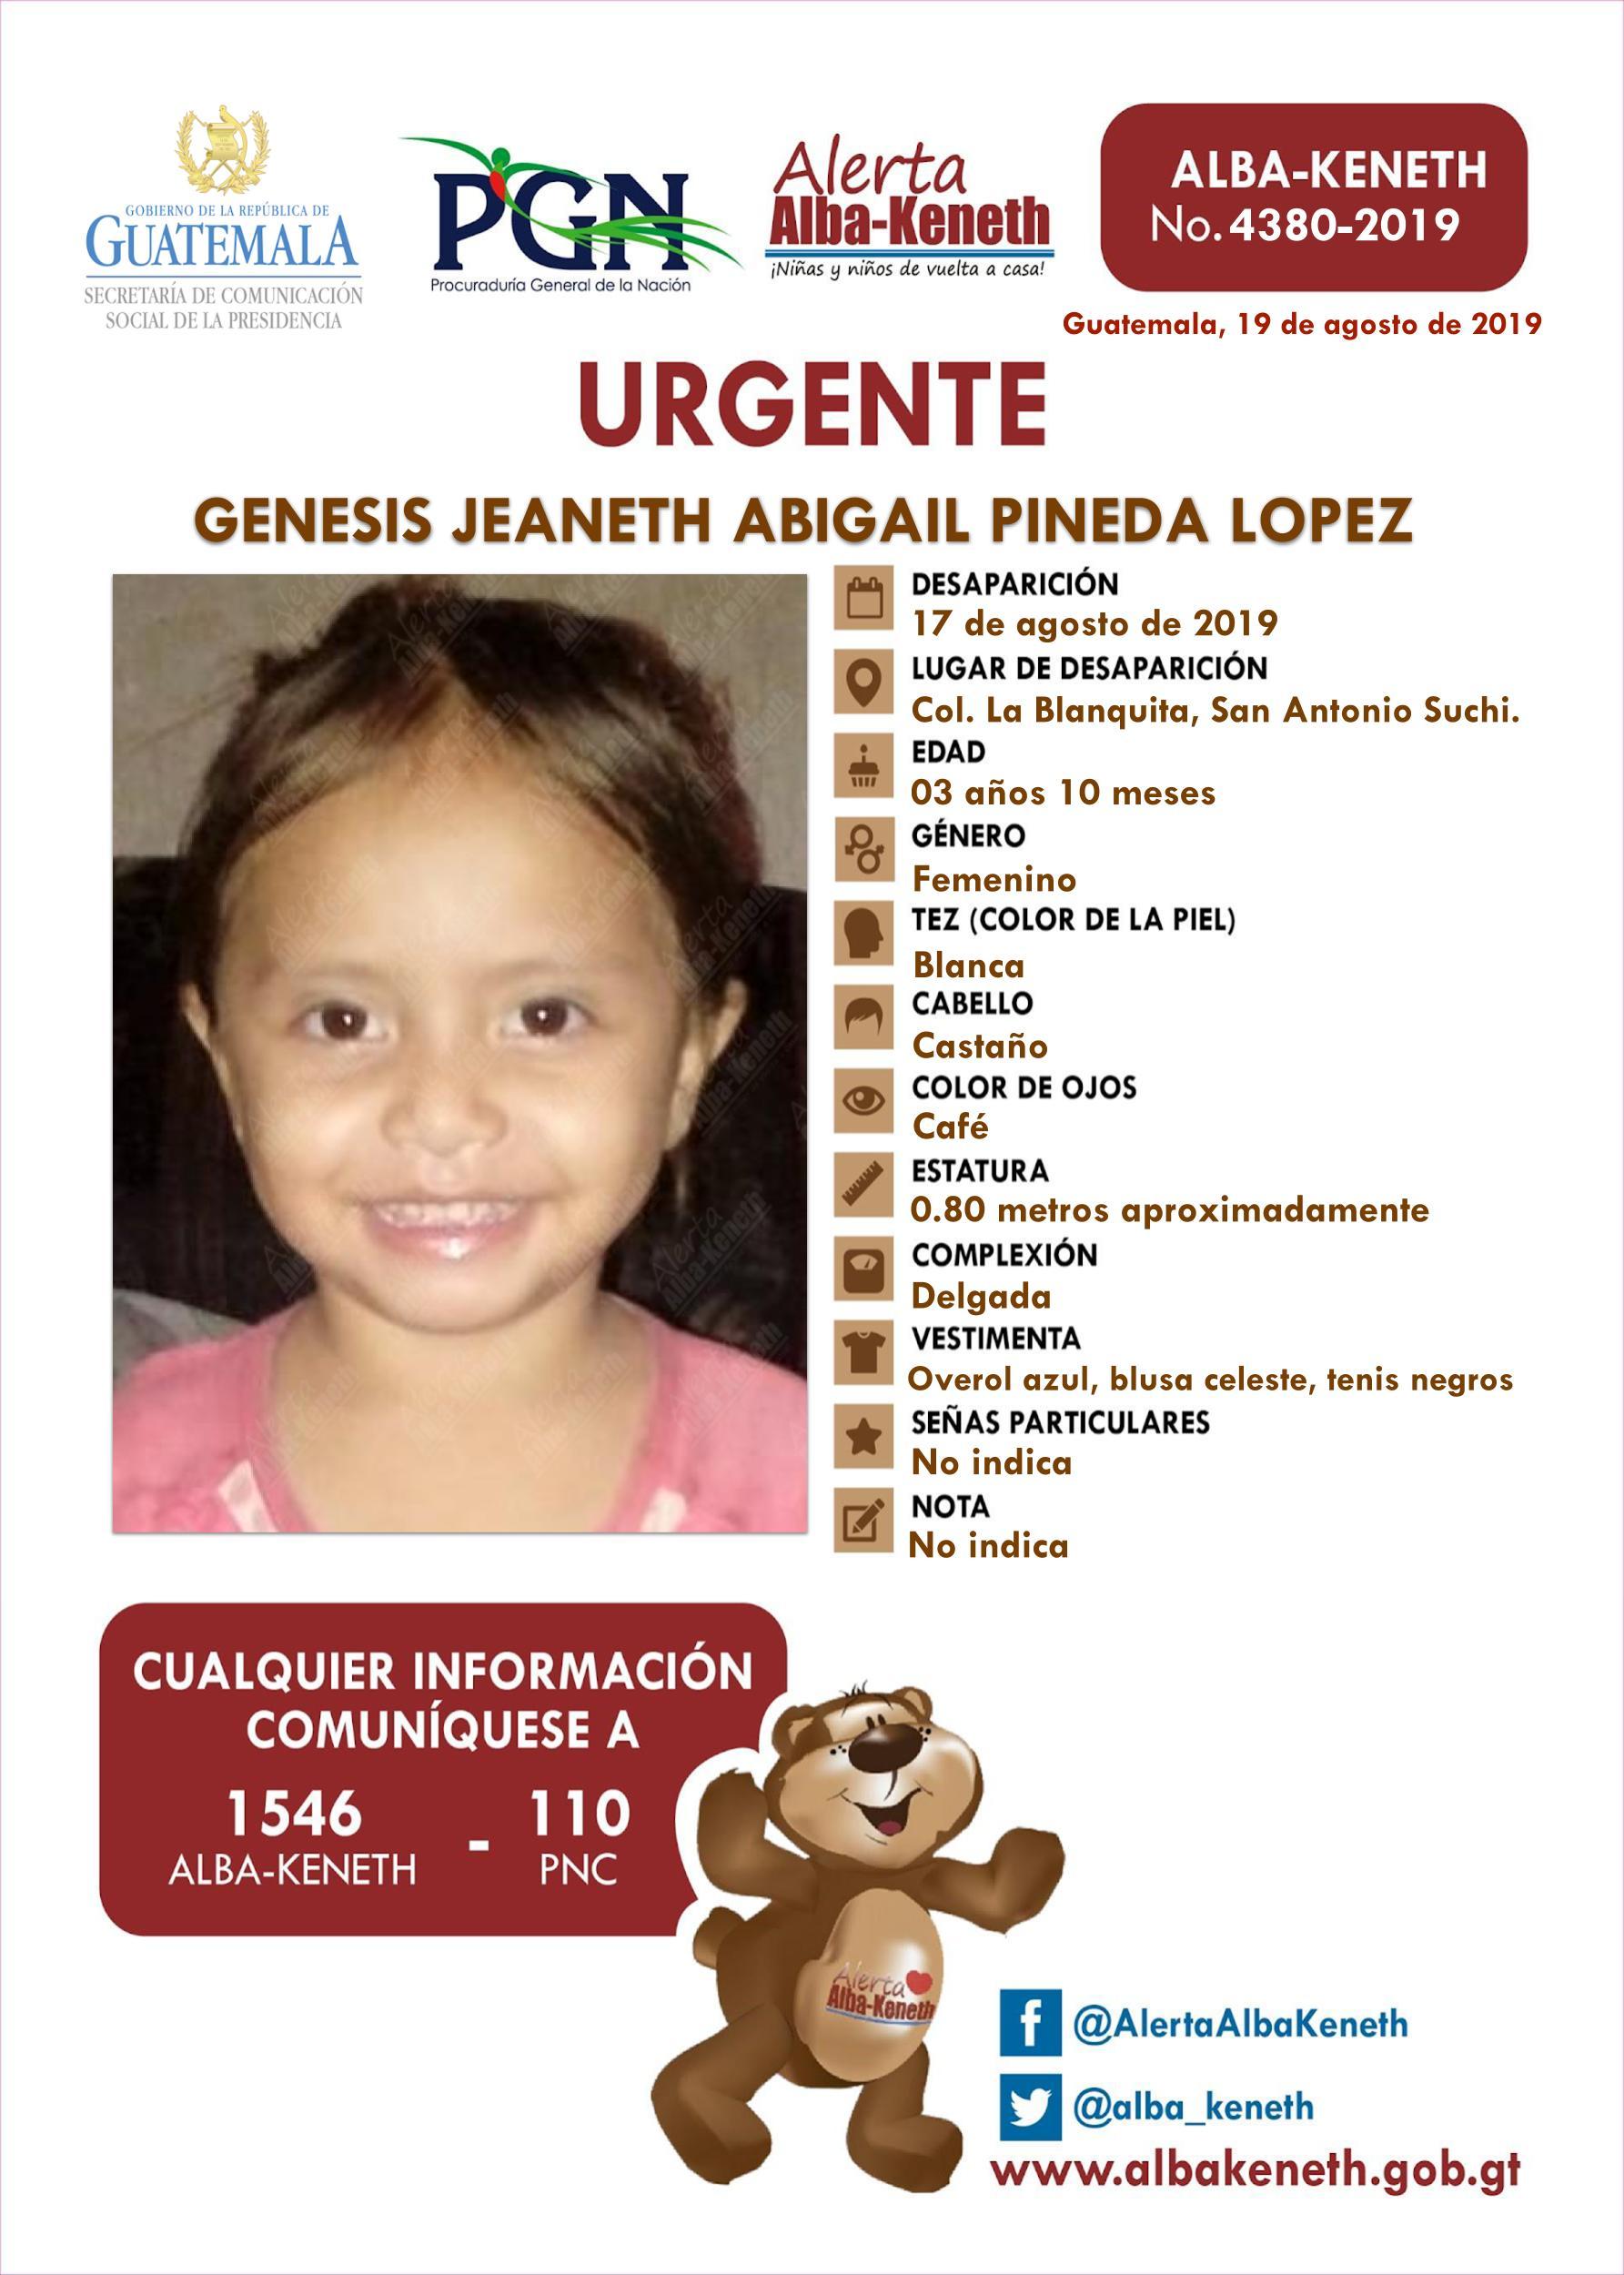 Genesis Jeaneth Abigail Pineda Lopez